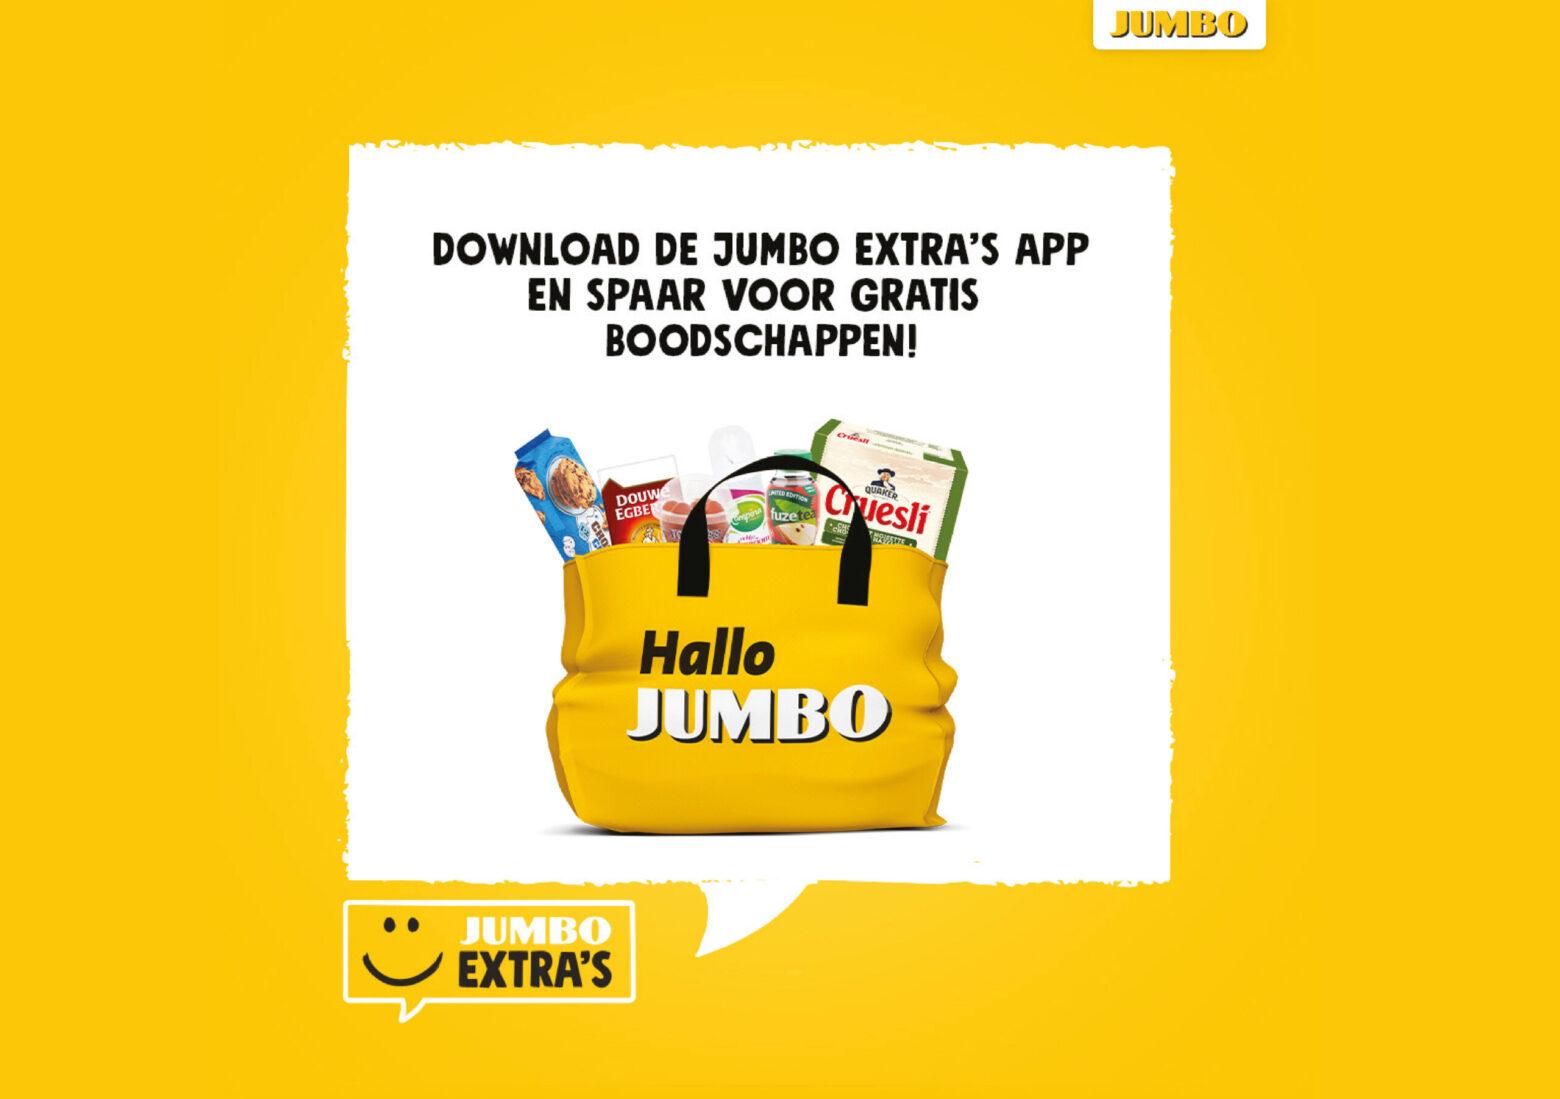 Spaar voor gratis boodschappen met Jumbo Extra's